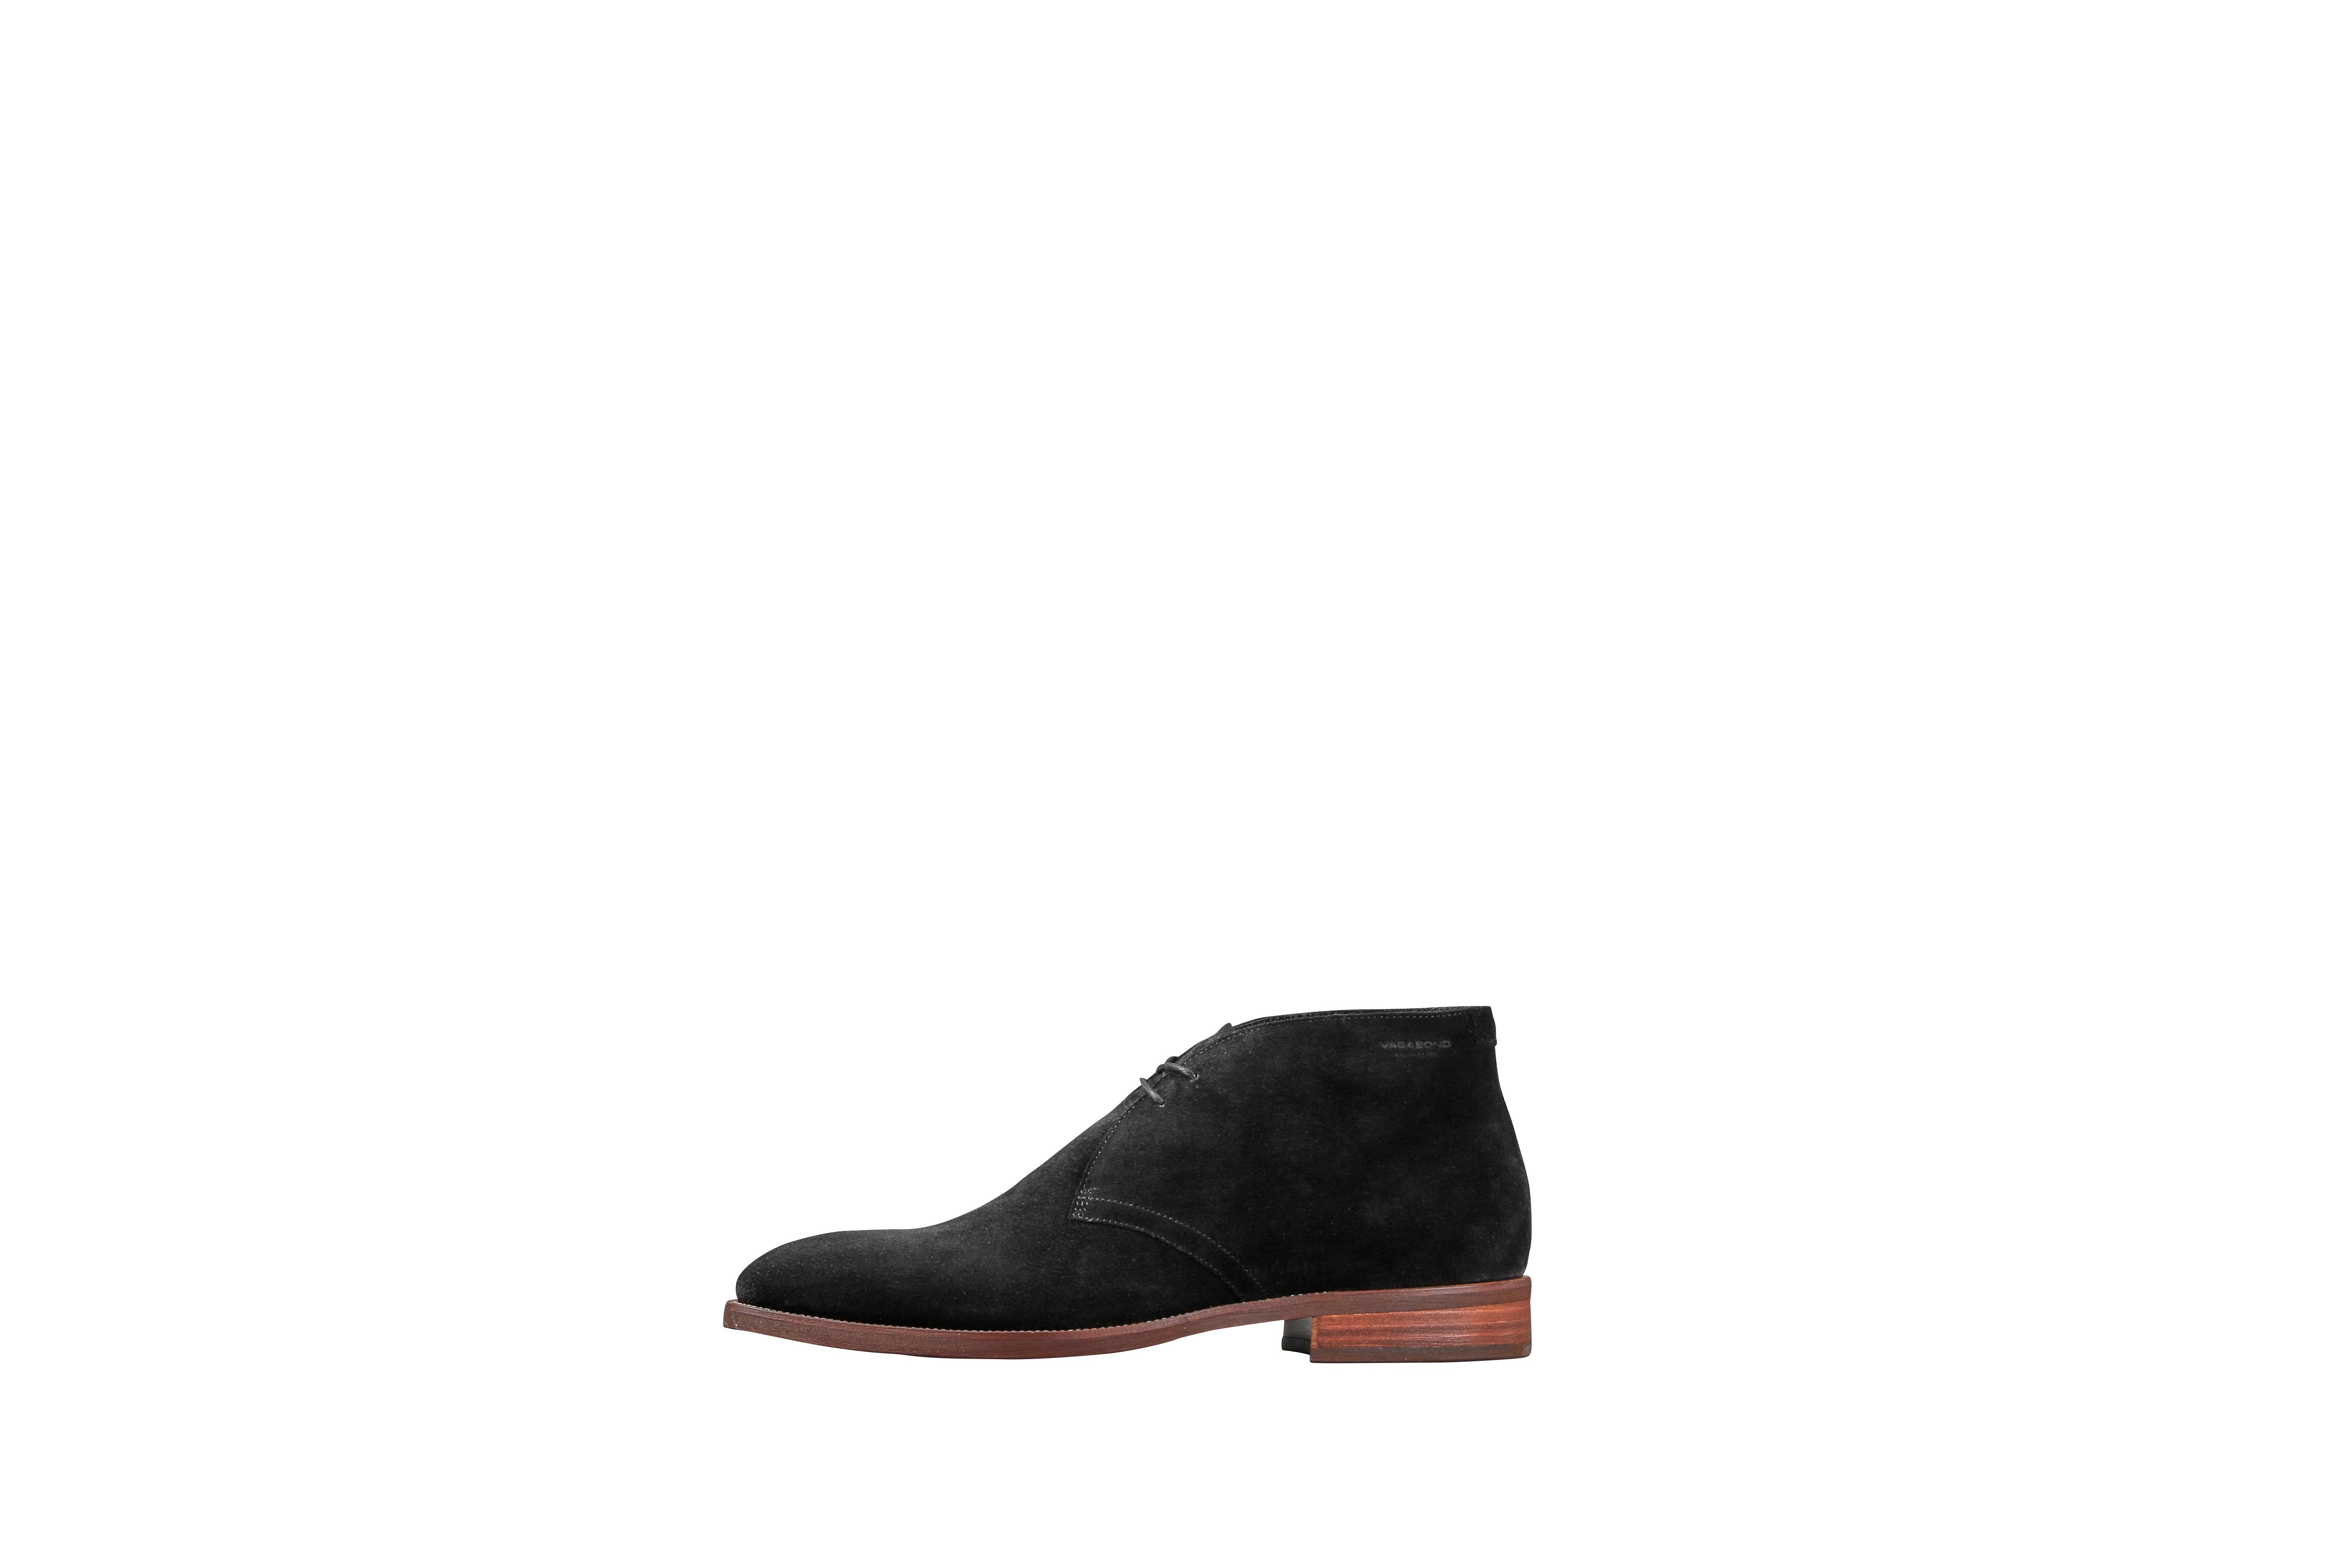 Vagabond Parker støvle, black, 40